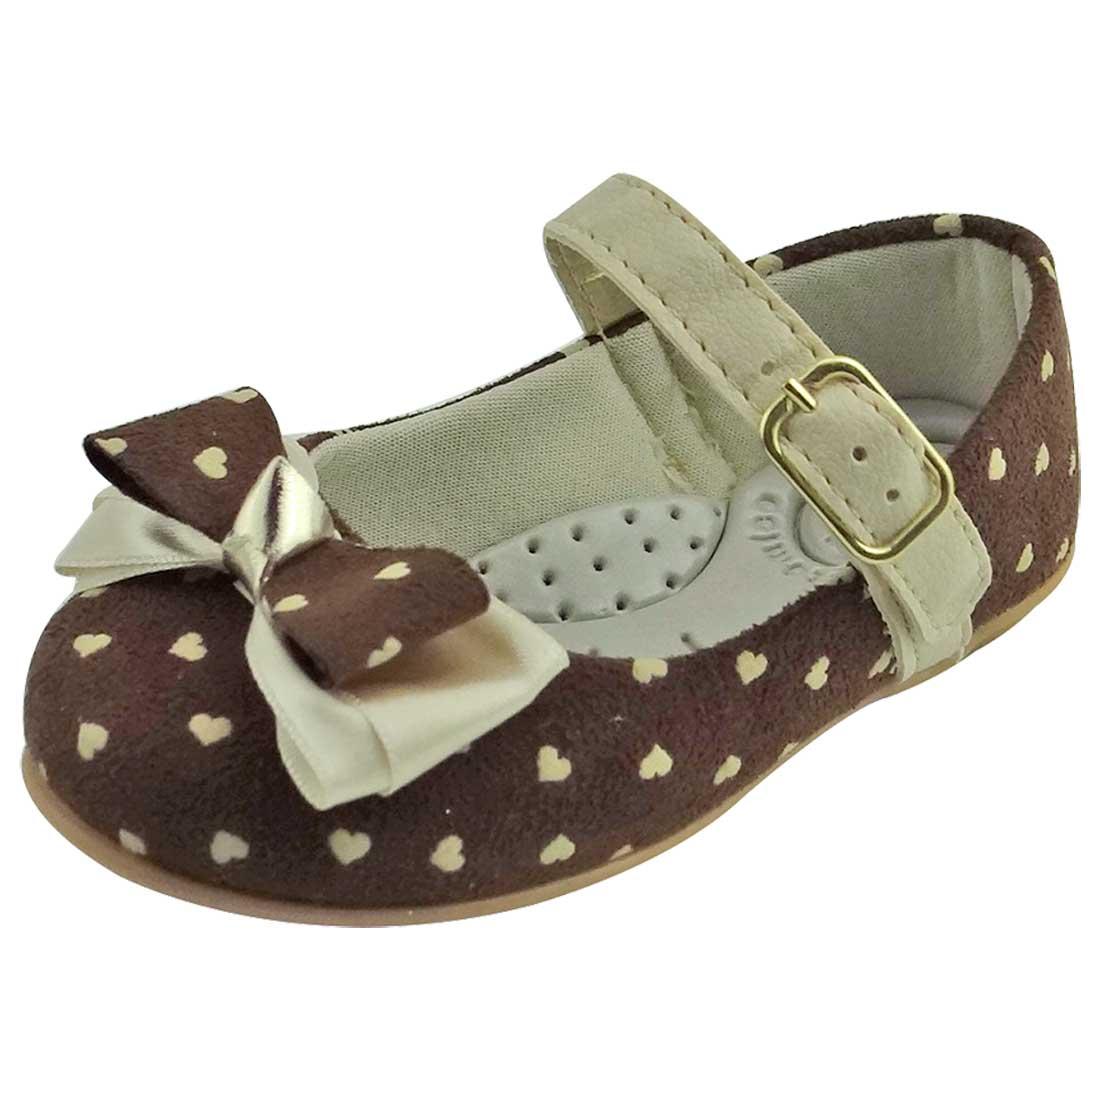 Sapato Boneca Baby com Laço e Coração - Marrom